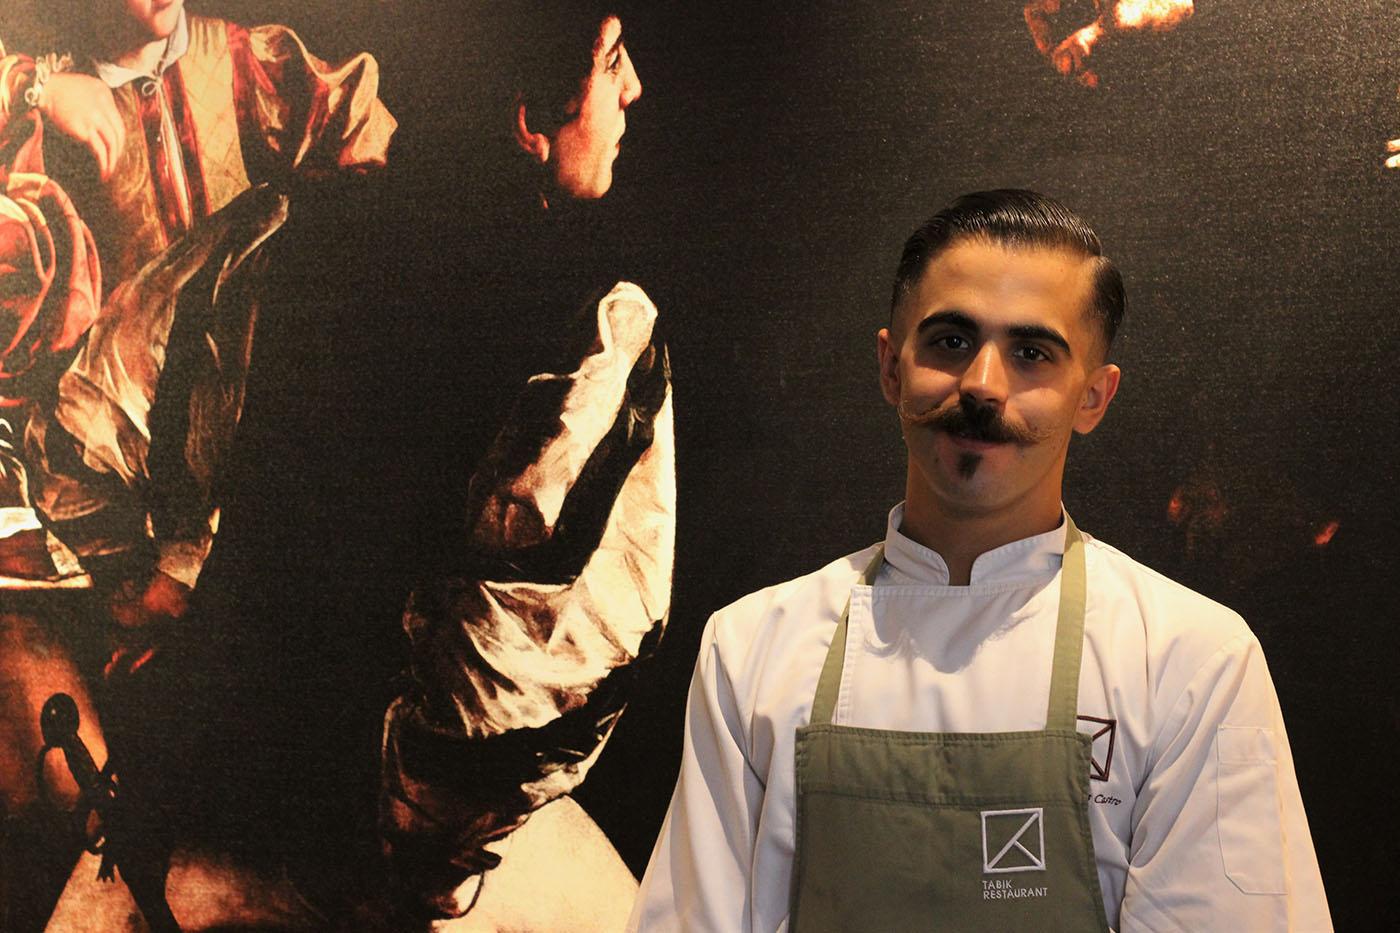 Chef Hugo Dias de Castro assume a cozinha do Tabik